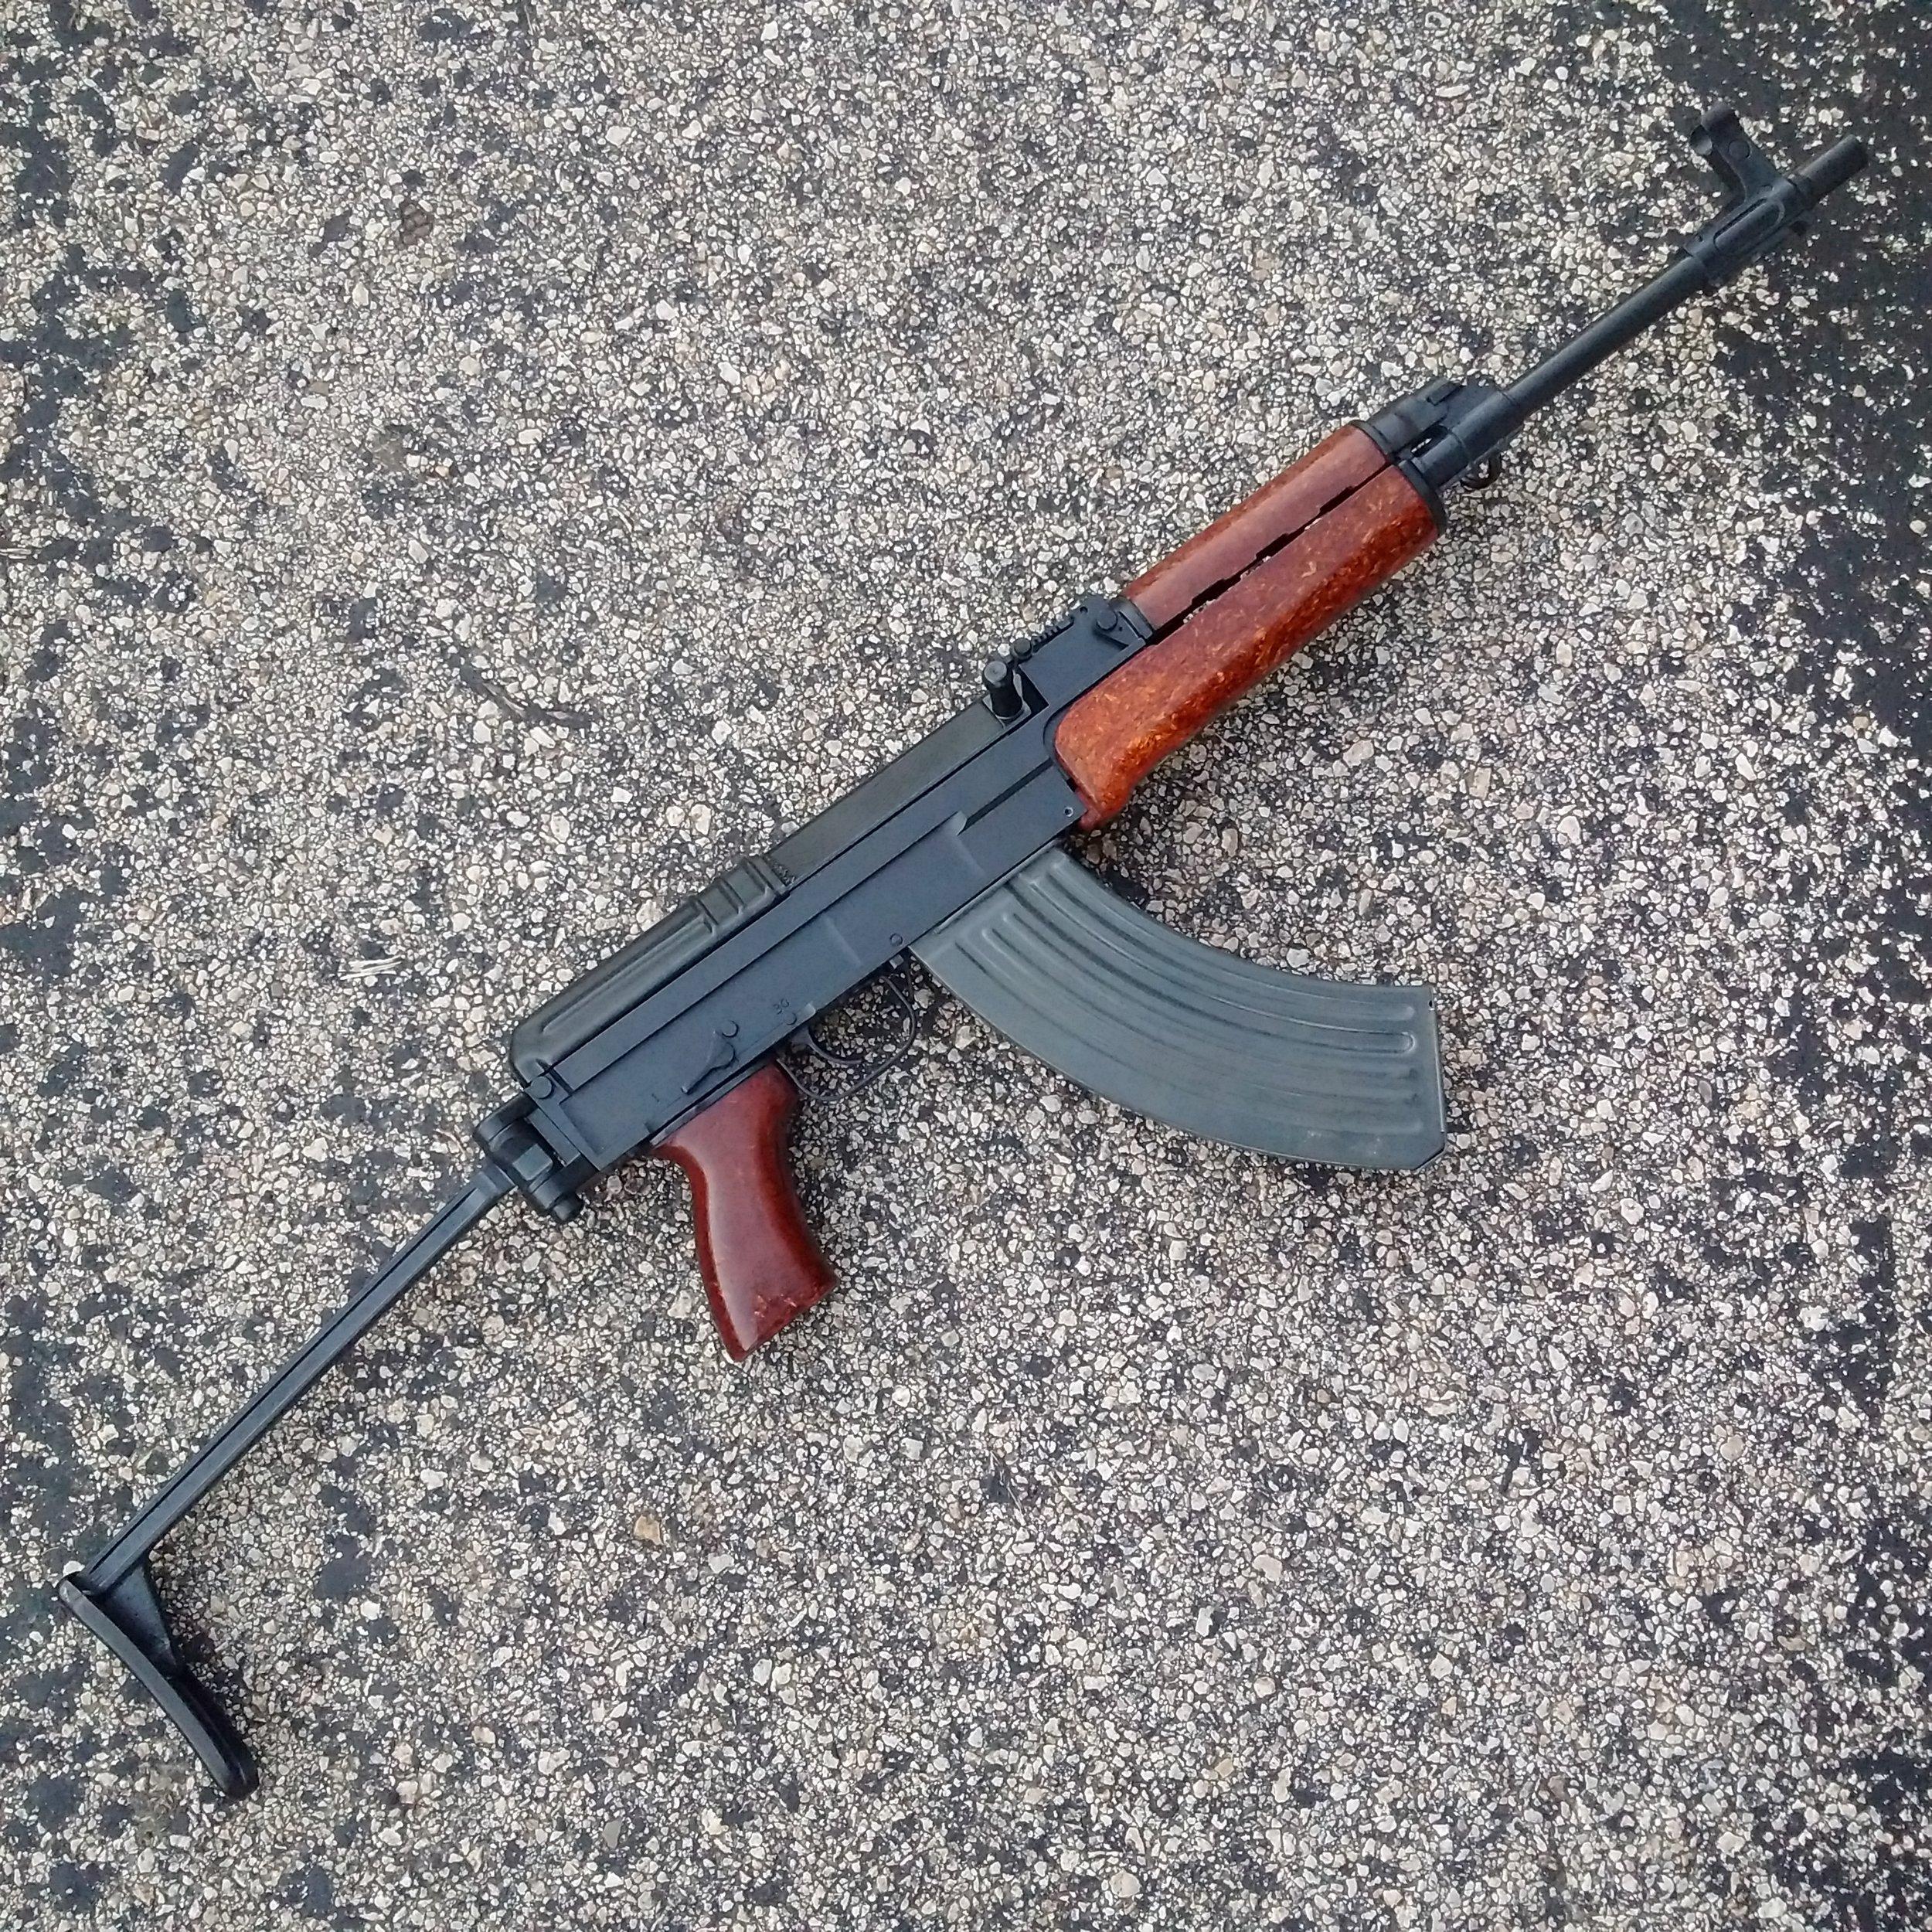 Customized VZ58